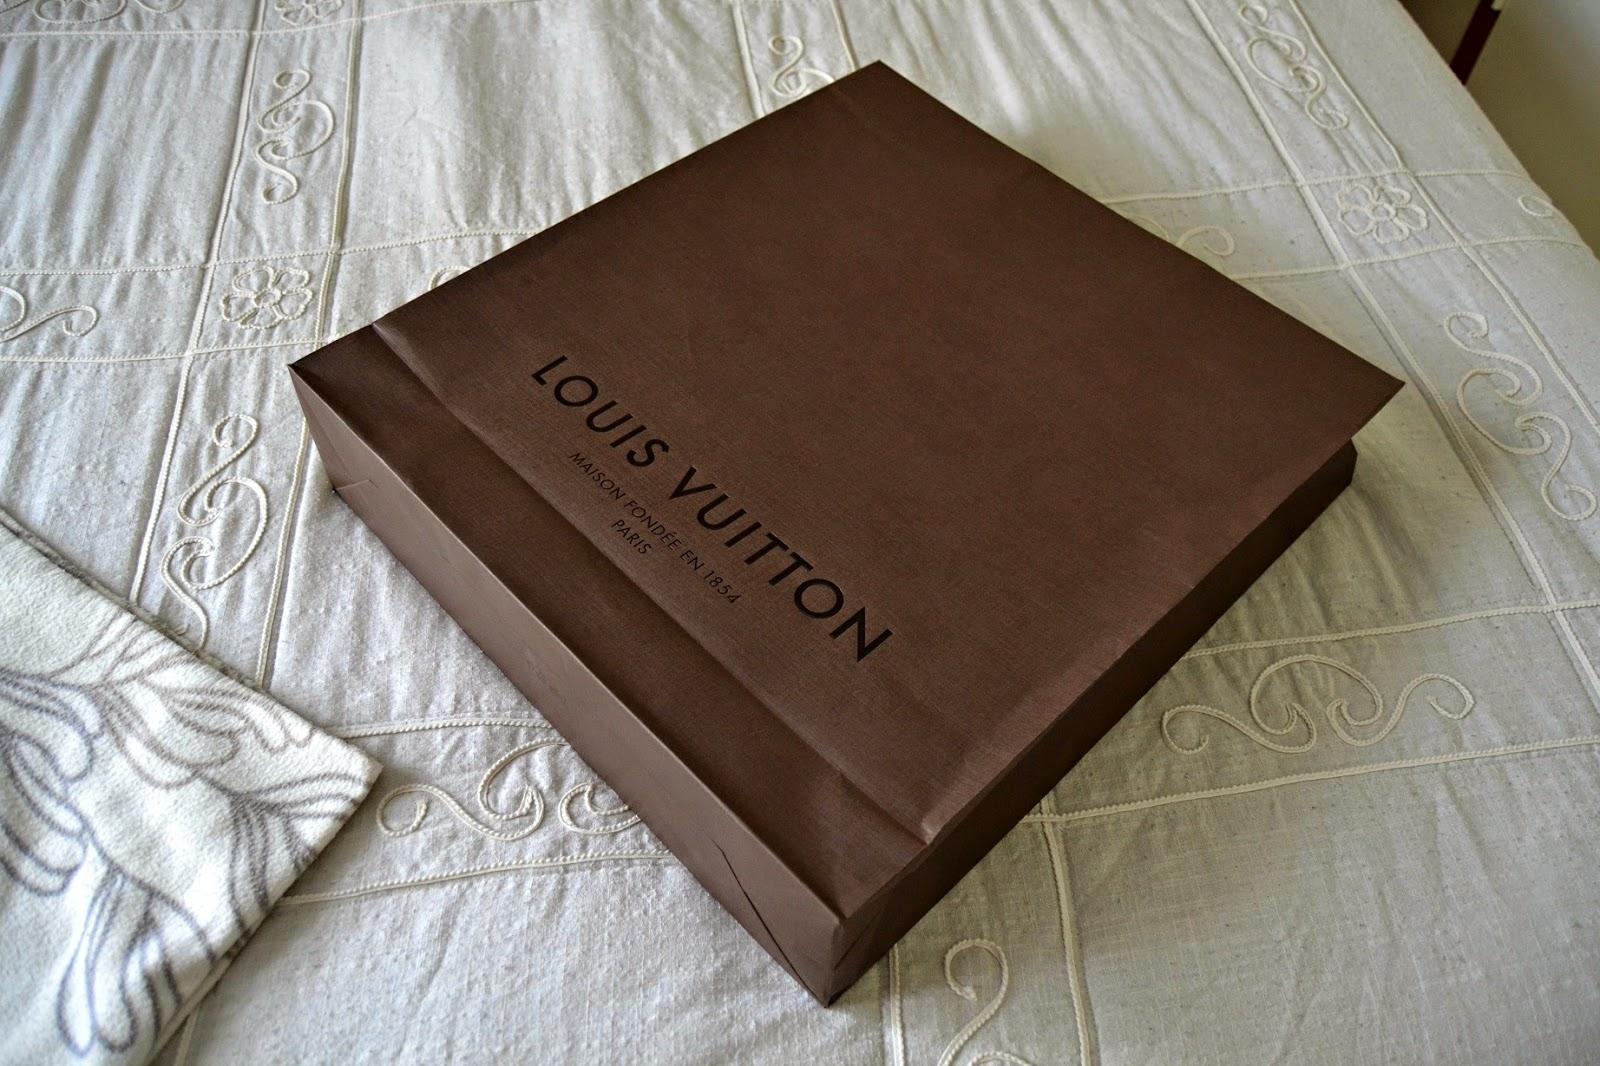 Onko teistä moni käynyt Louis Vuitton liikkeessä  Liike oli täynnä ihmisiä 076c7bca83